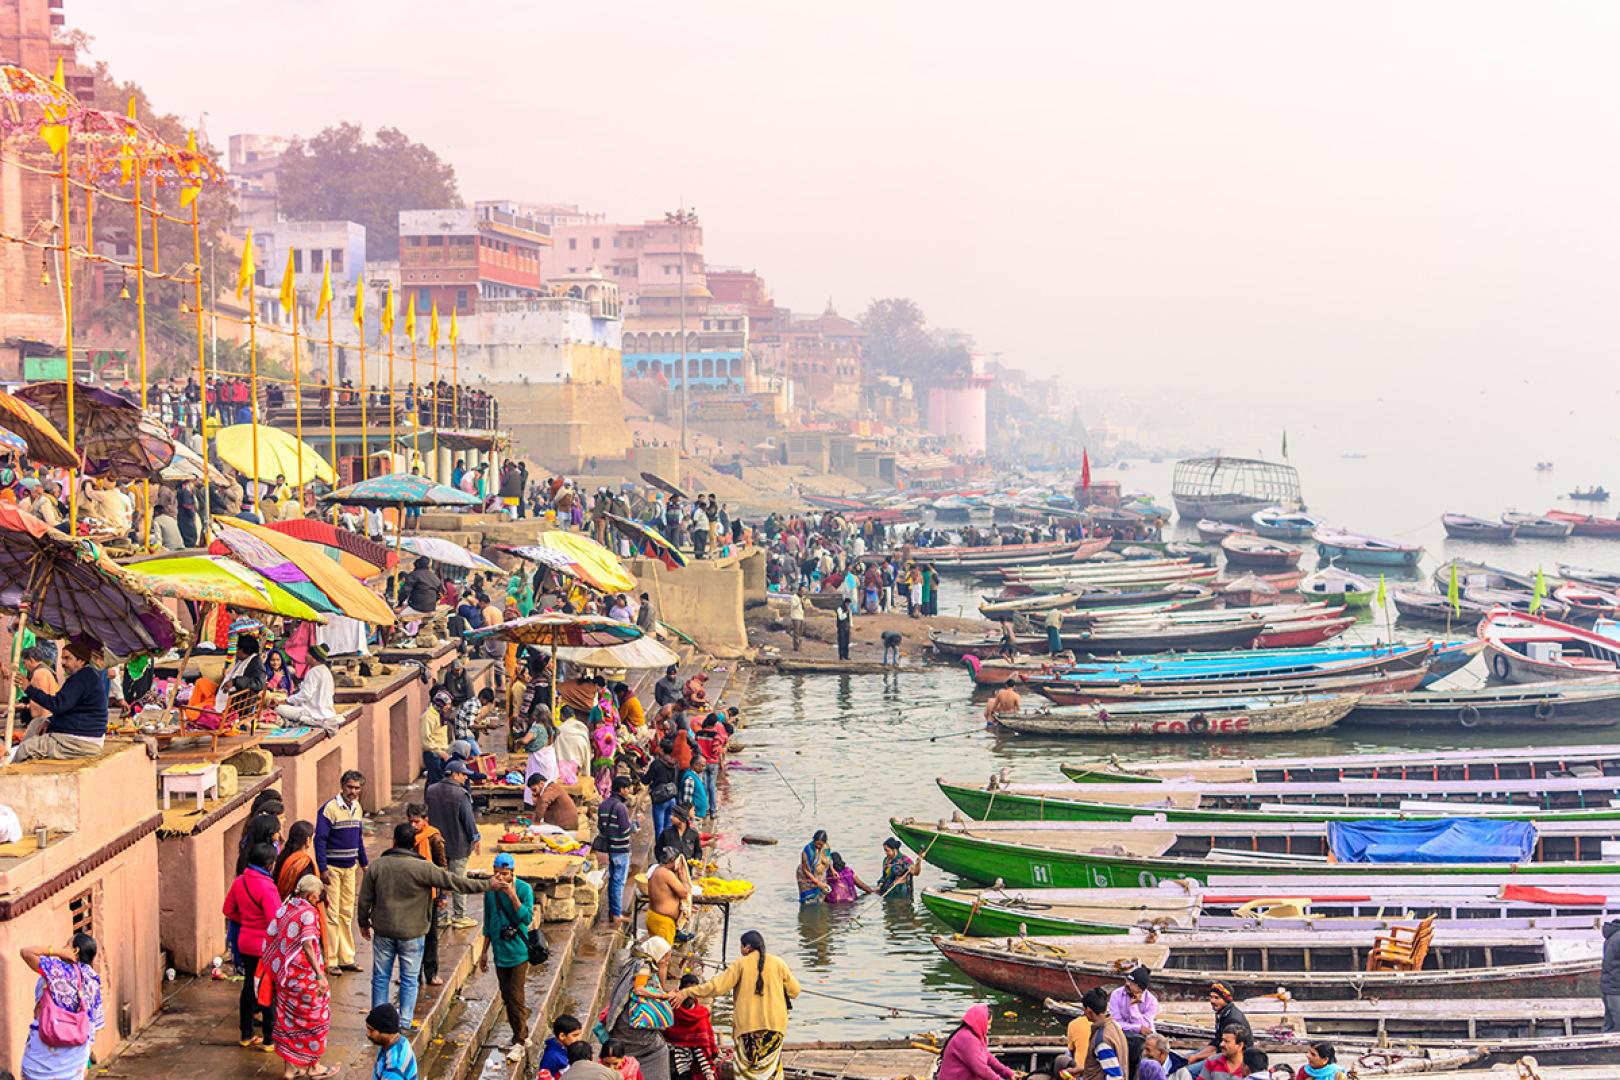 prekybininko darbo vietos indijoje